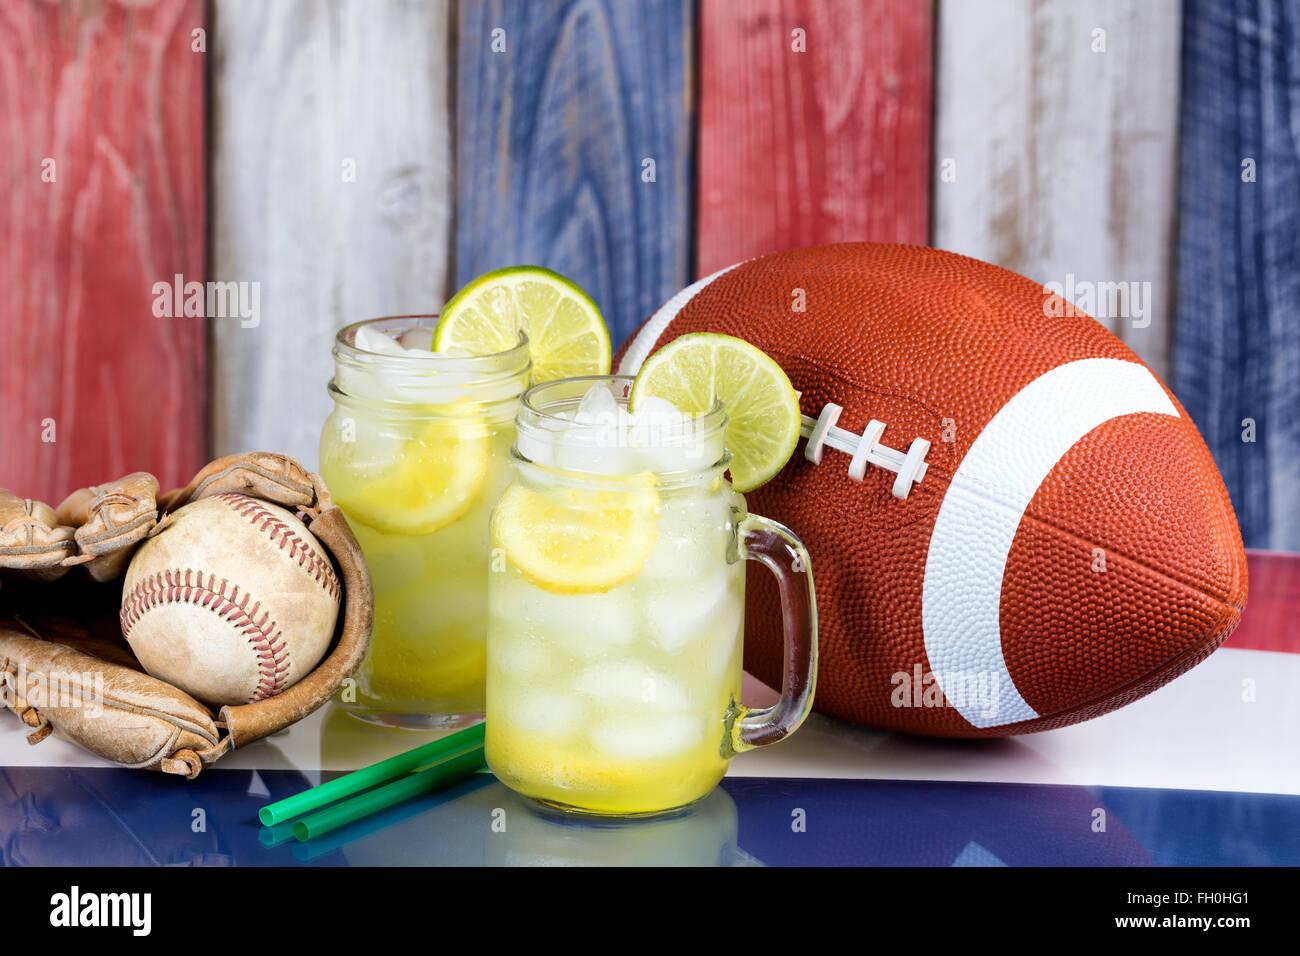 Jar bicchieri riempiti con limonata fredda con articoli sportivi. Sbiadita di tavole di legno dipinte di rosso, Immagini Stock